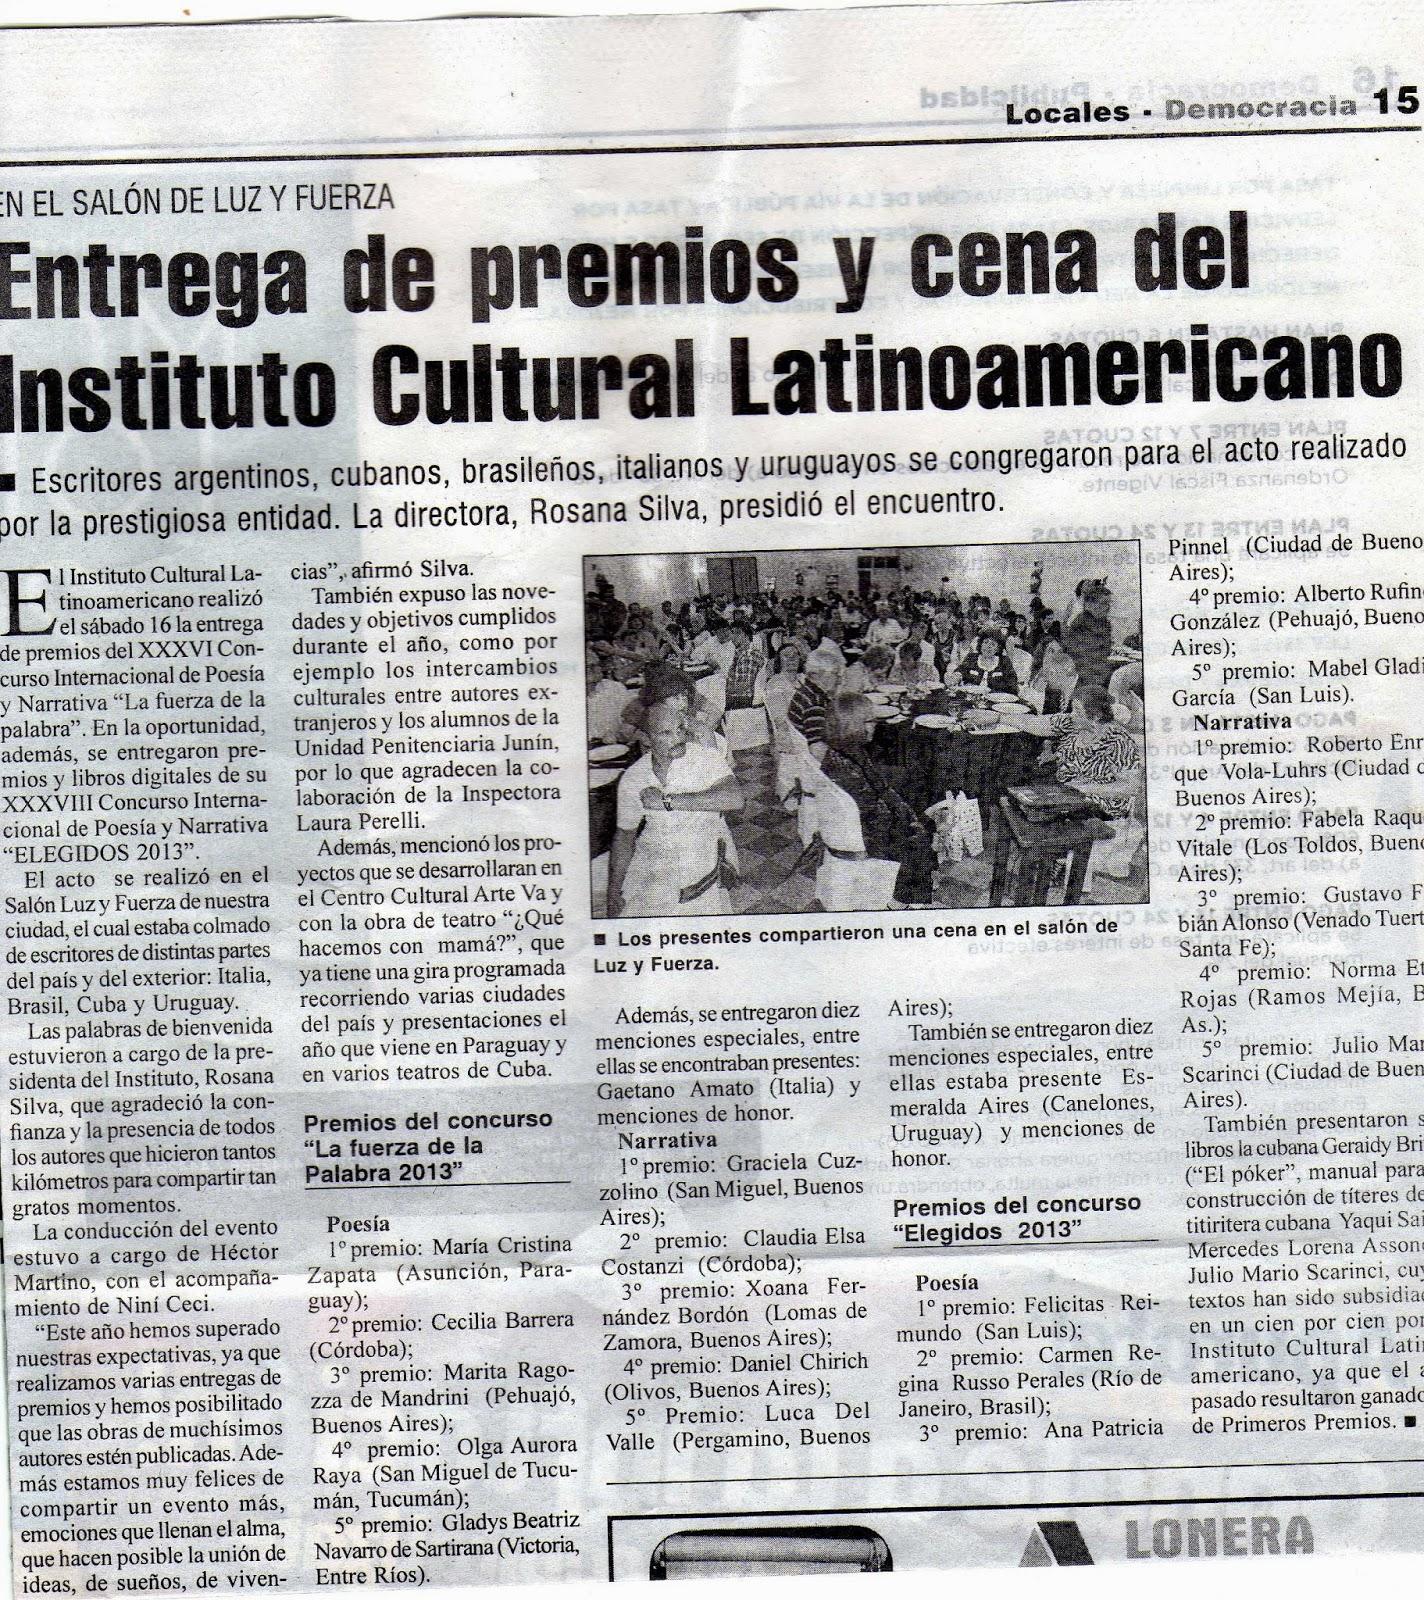 diario democracia de junin online dating